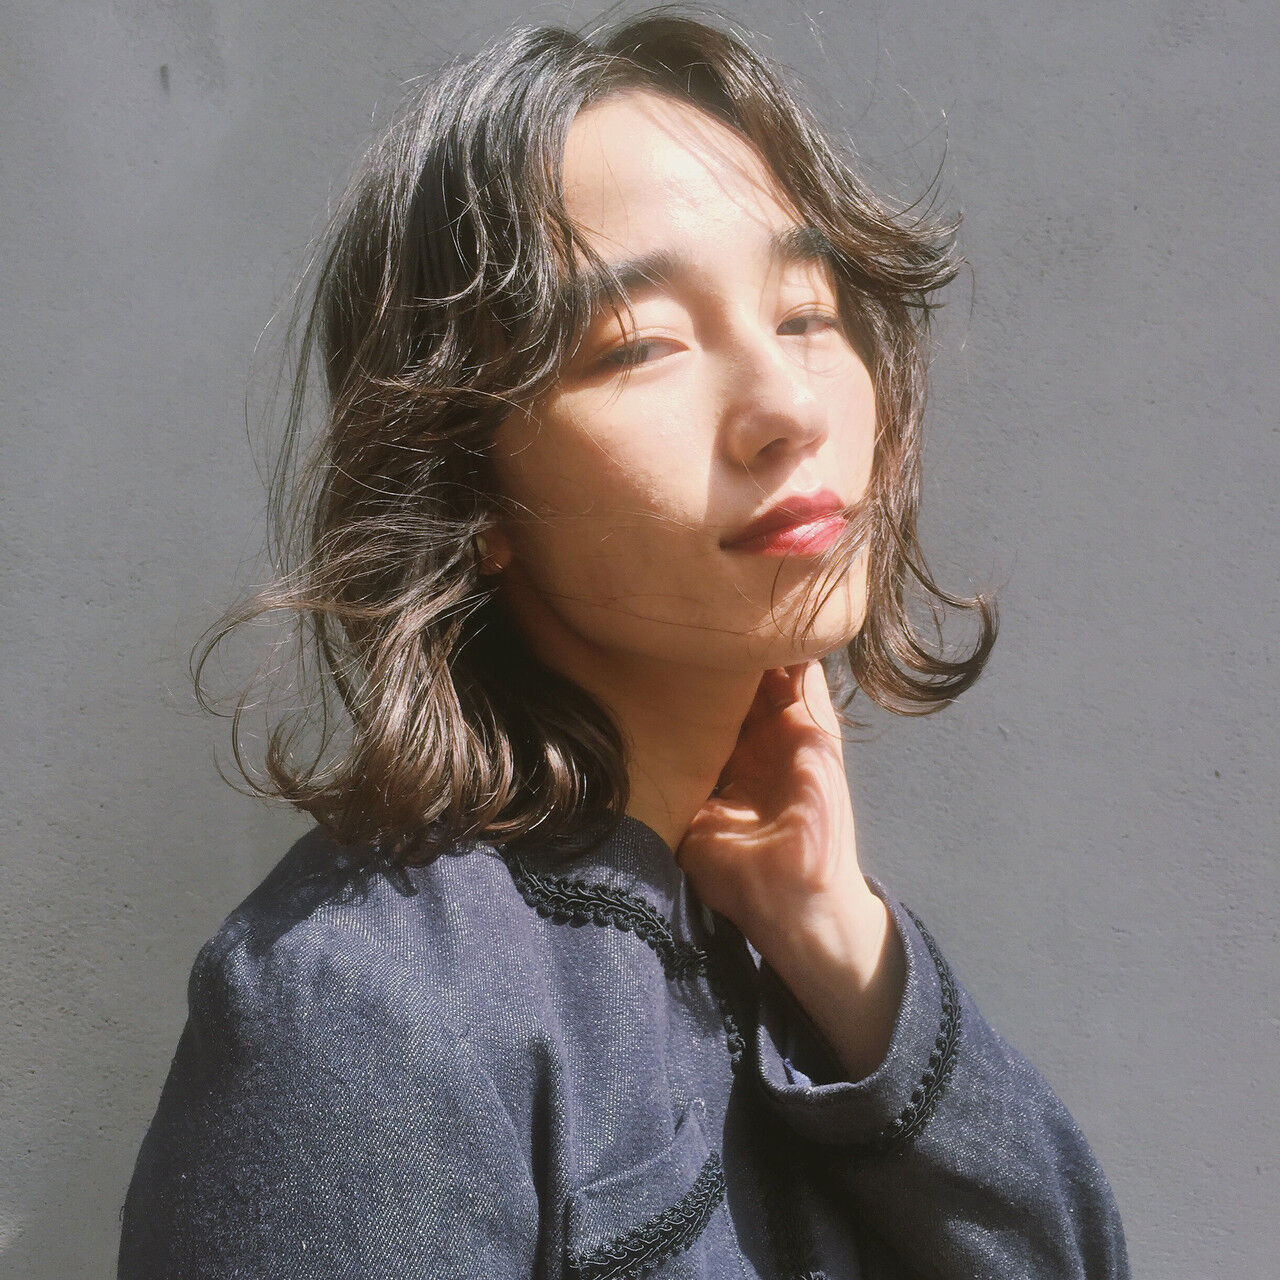 ミニボブ ショートボブ 波ウェーブ 切りっぱなしボブヘアスタイルや髪型の写真・画像